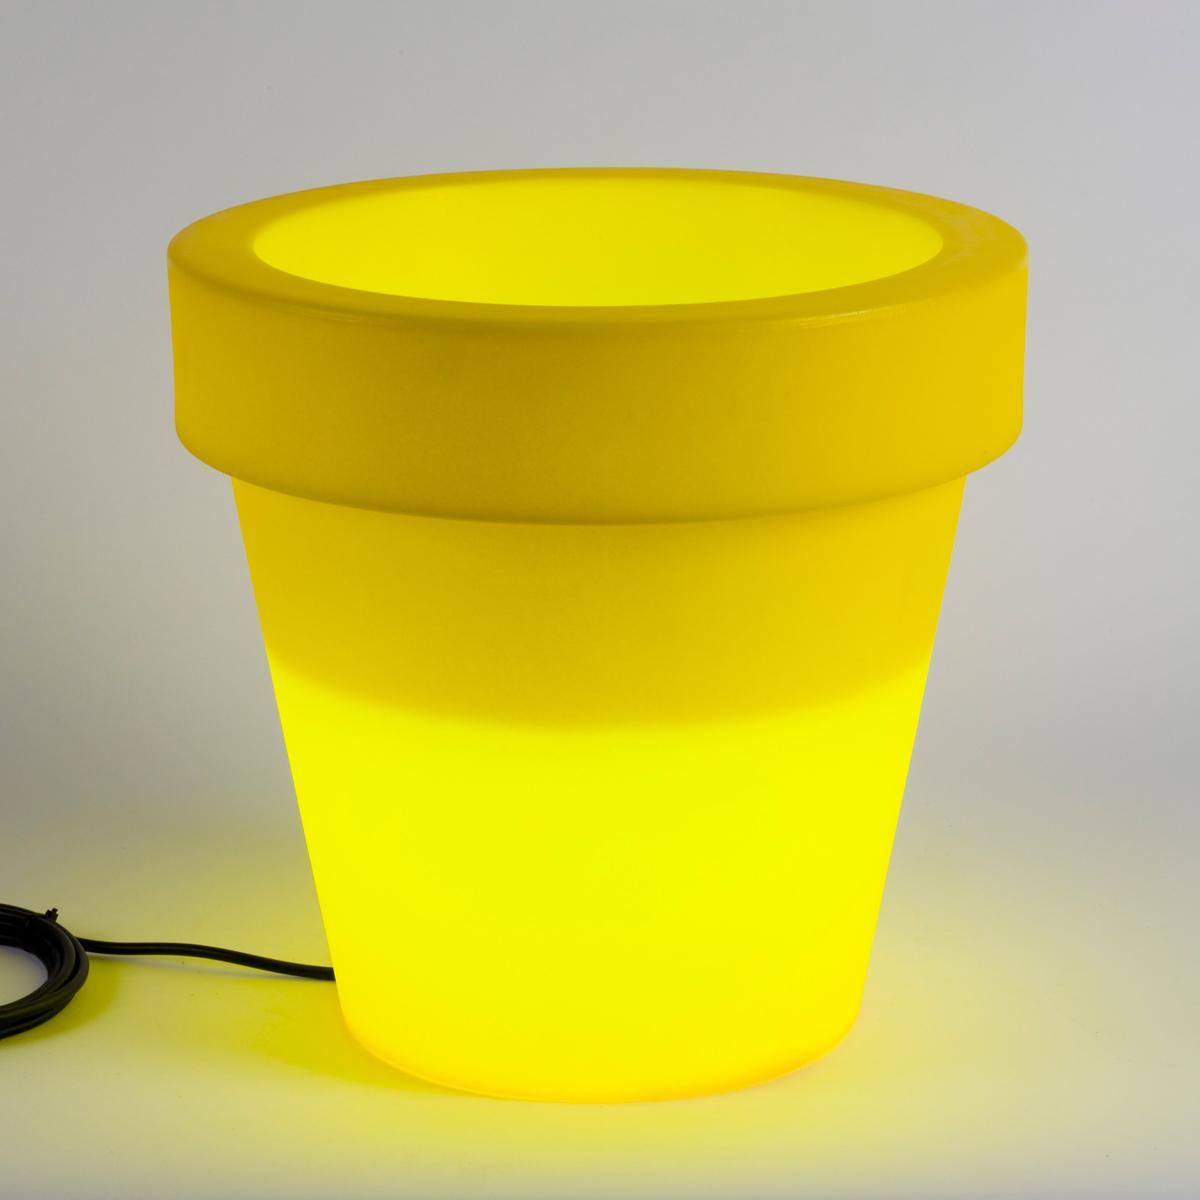 clairez votre jardin avec des pots de fleurs lumineux. Black Bedroom Furniture Sets. Home Design Ideas